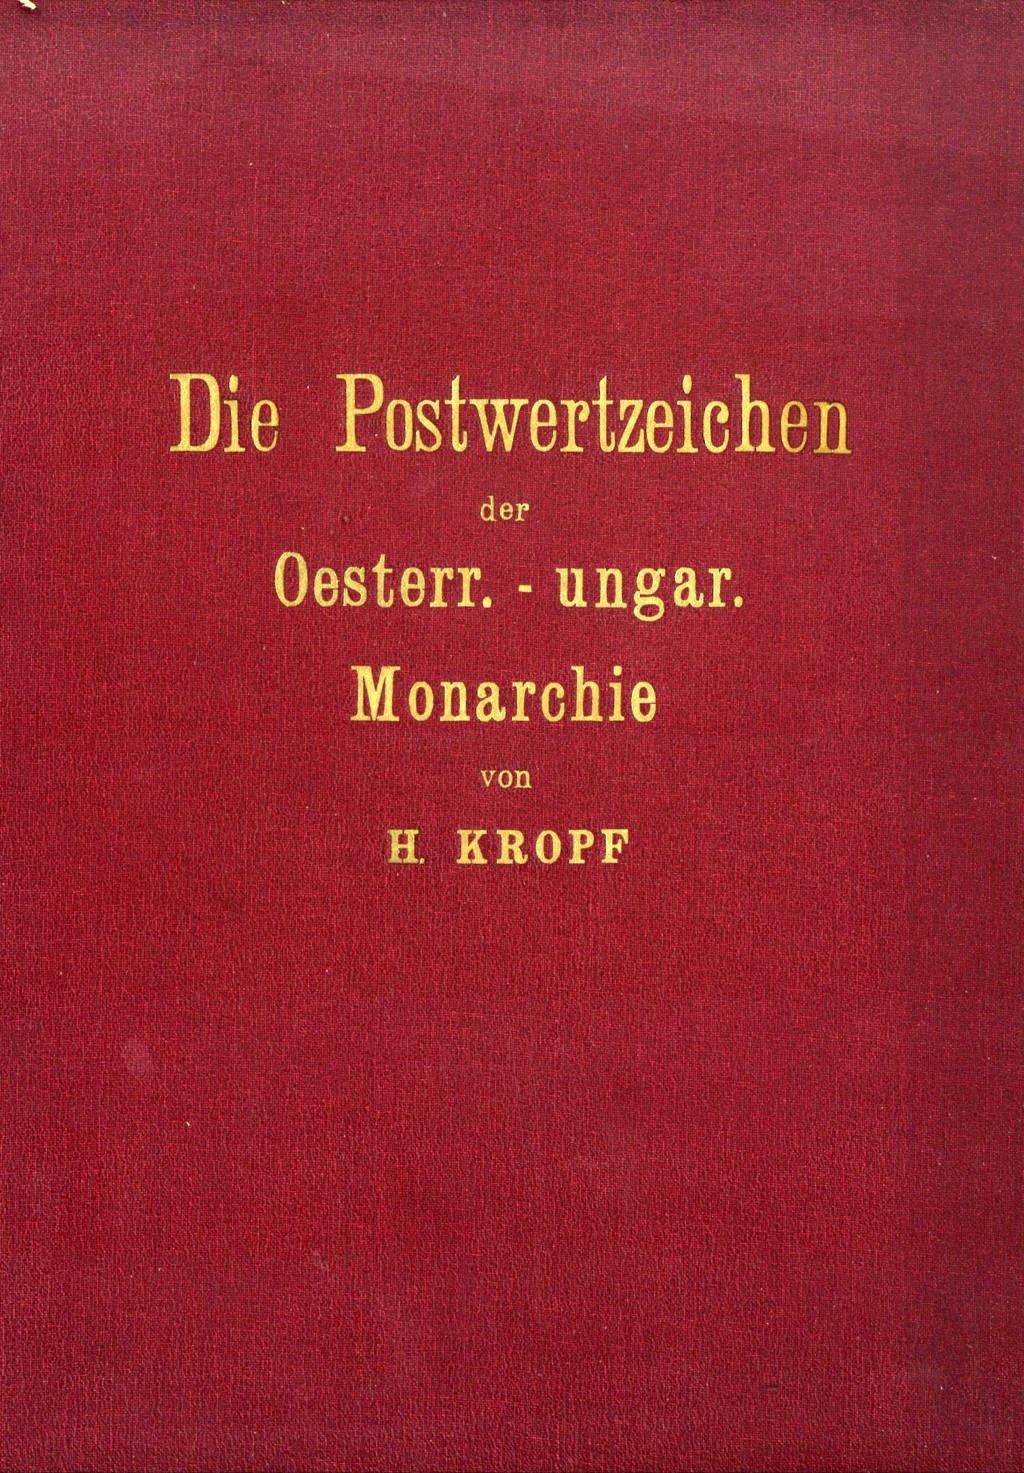 Nachtrag - Die Büchersammlungen der Forumsmitglieder - Seite 9 Kropf_12